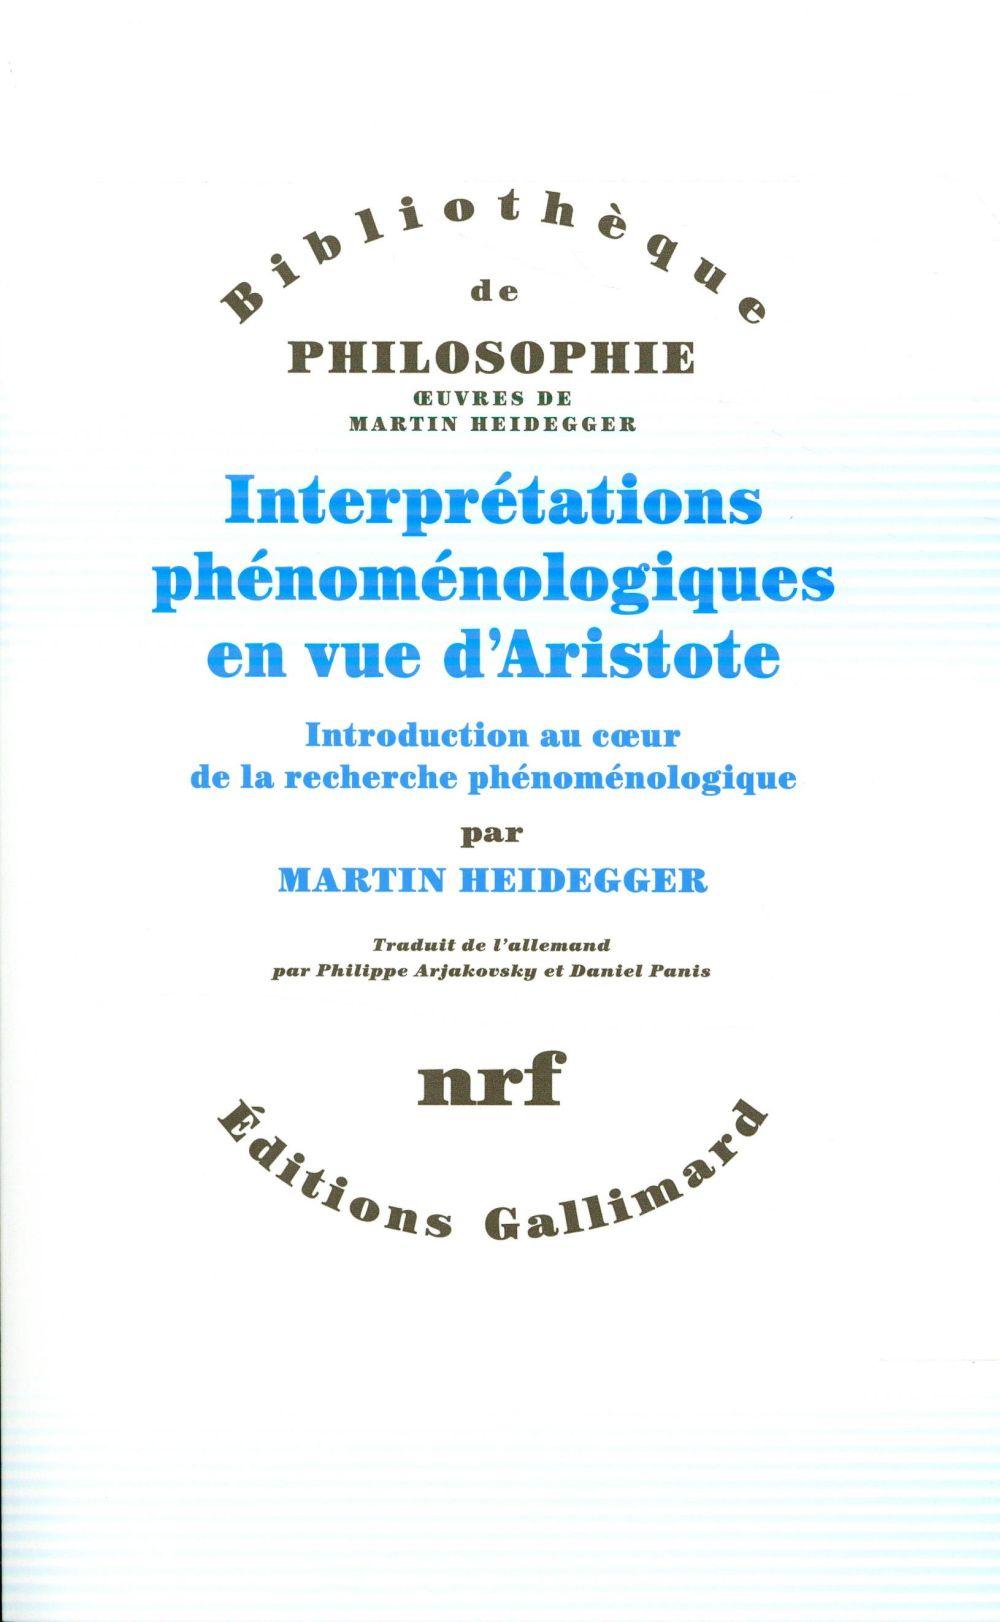 Interprétations phénoménologiques en vue d'Aristote ; introduction au coeur de la recherche phénoménologique